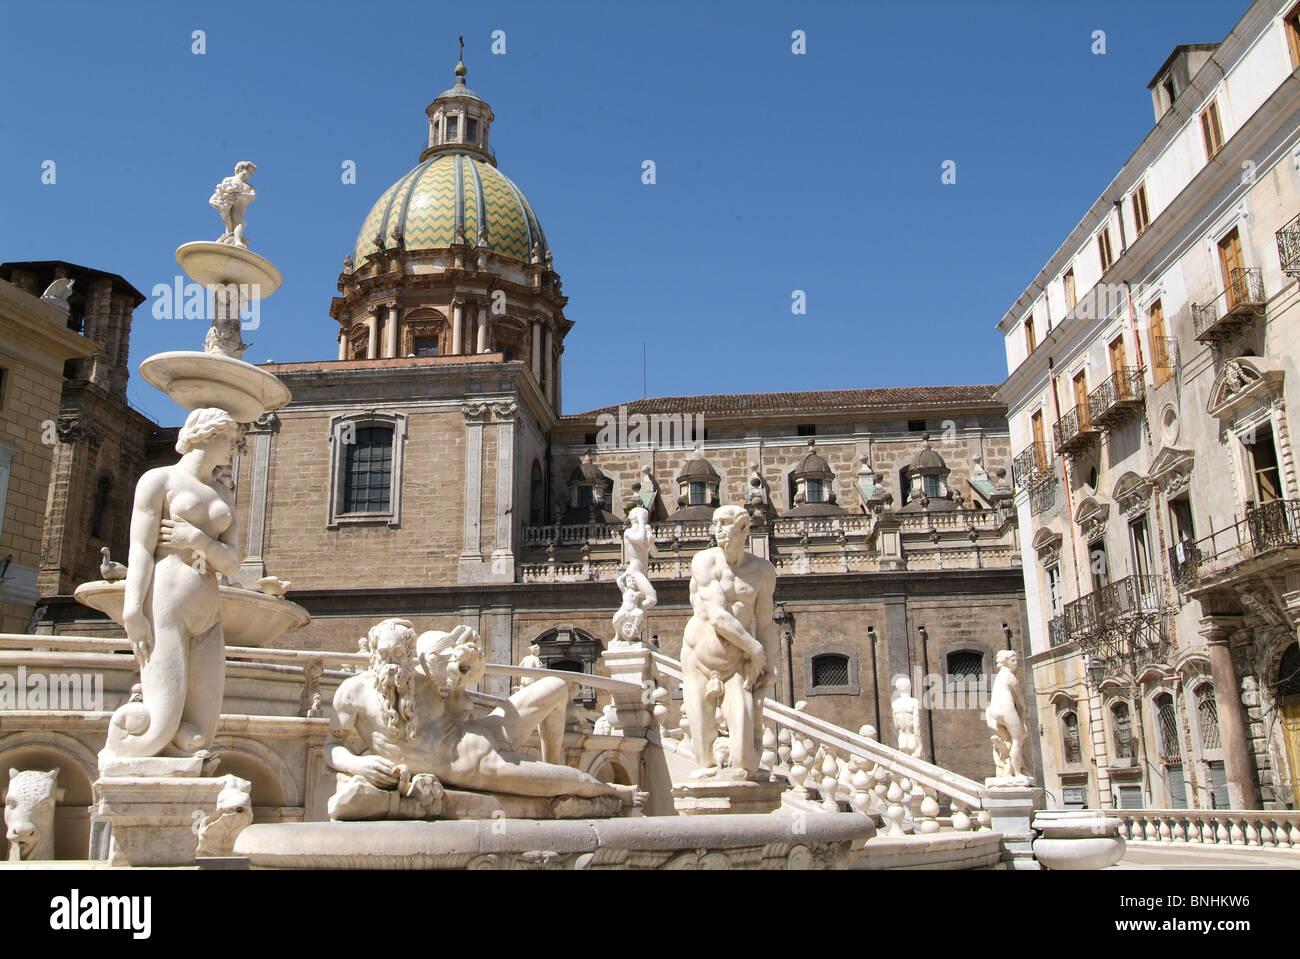 italy sicily palermo city piazza pretoria san giuseppe dei teatini